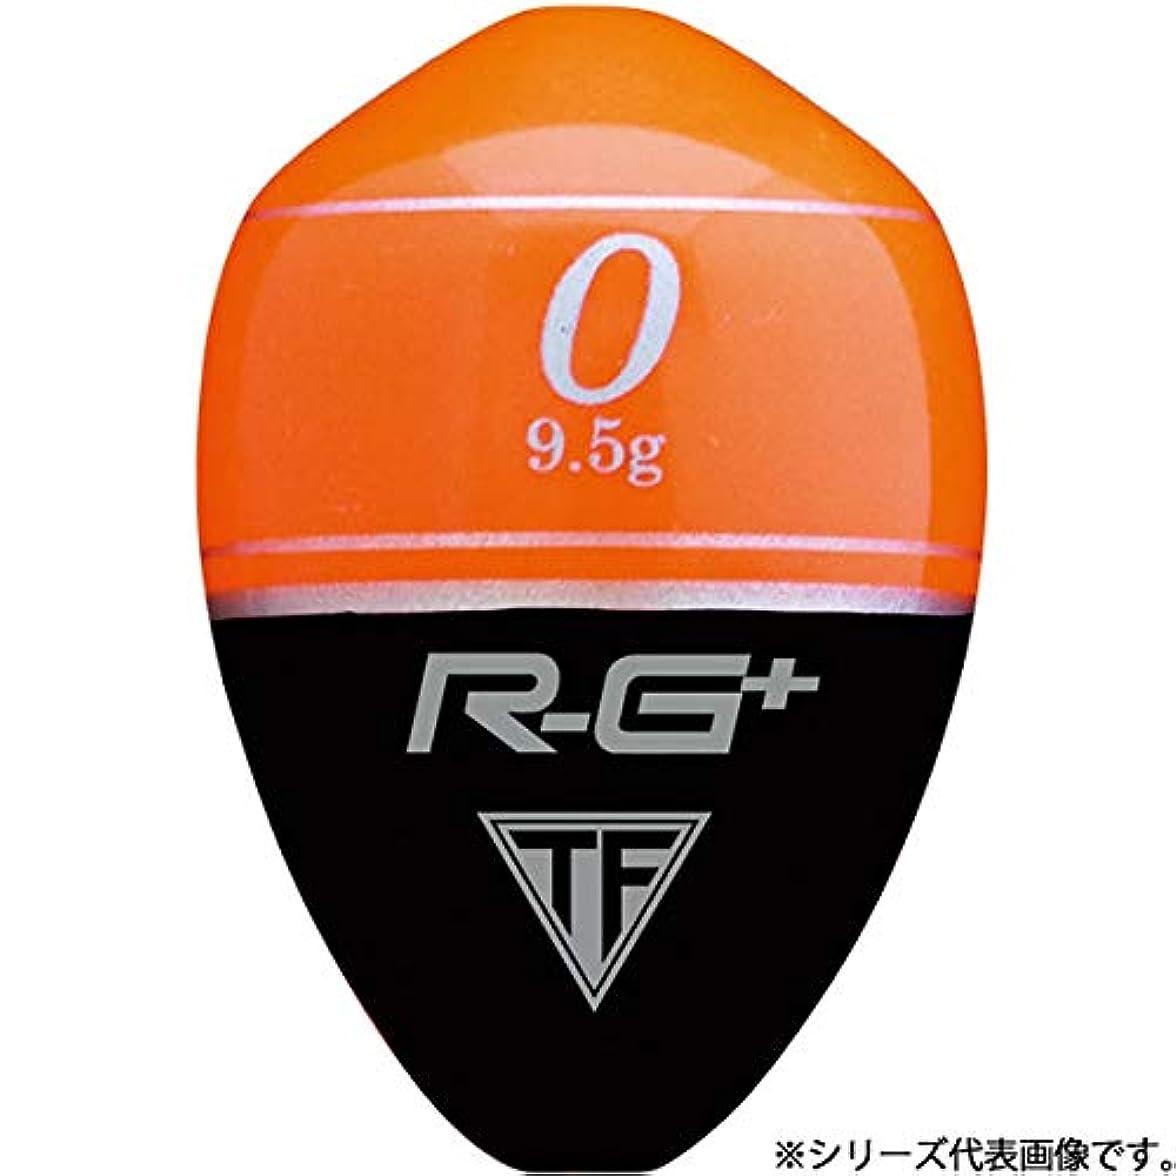 テメリティすぐに光沢釣研(TSURIKEN) ウキ R-G+ スカーレット G2